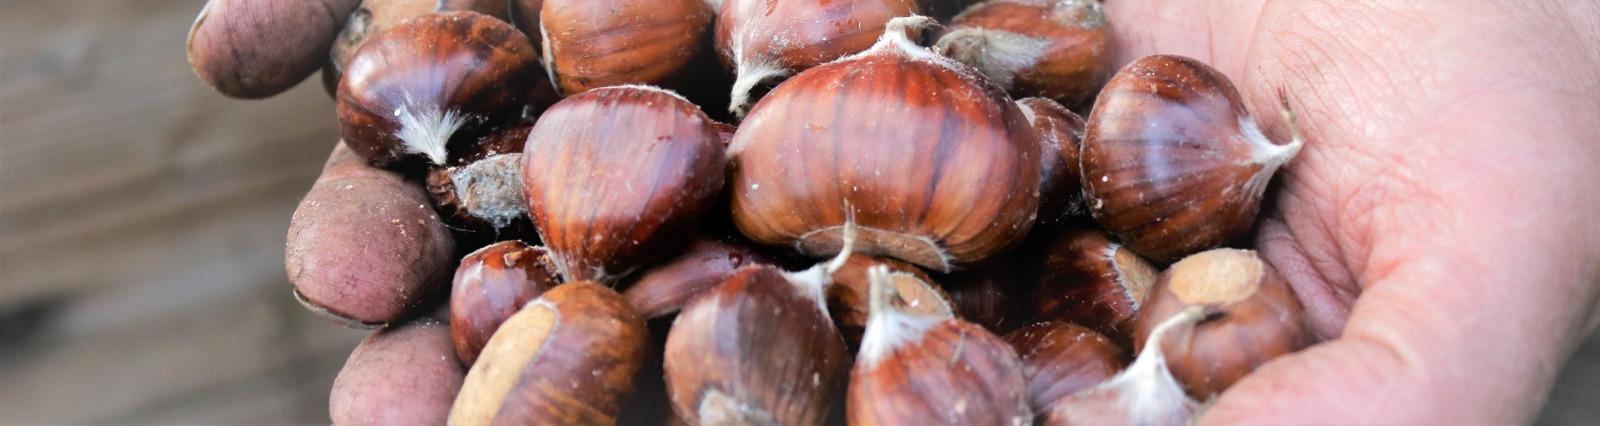 中部イタリア・トスカーナの大自然の恵みフルーツスプレッド・コンフィチュールは伝統&モダン融合のレシピ